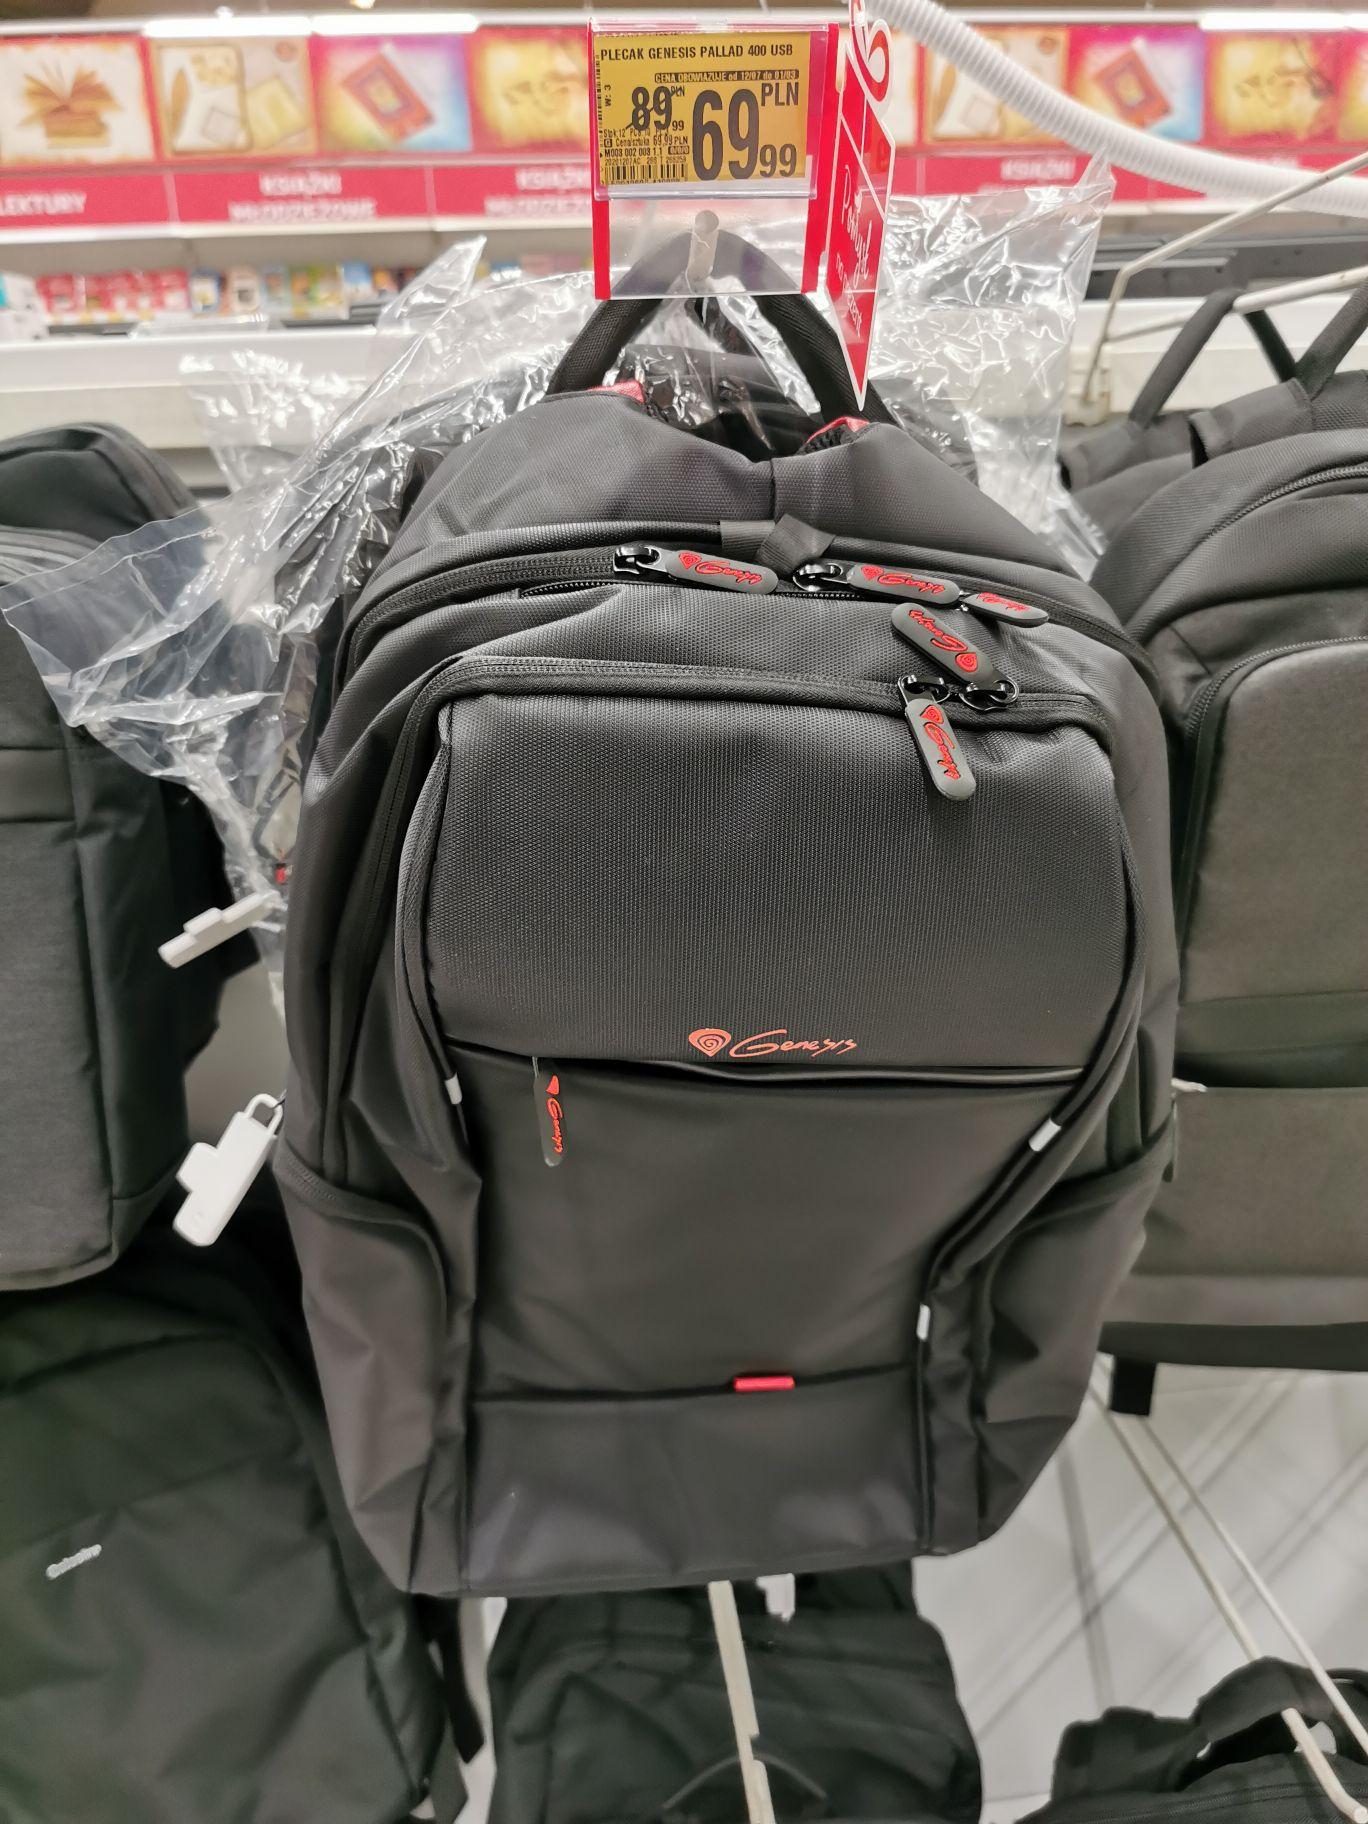 Plecak na laptopa genesis pallad 400, Auchan Poznań Komorniki